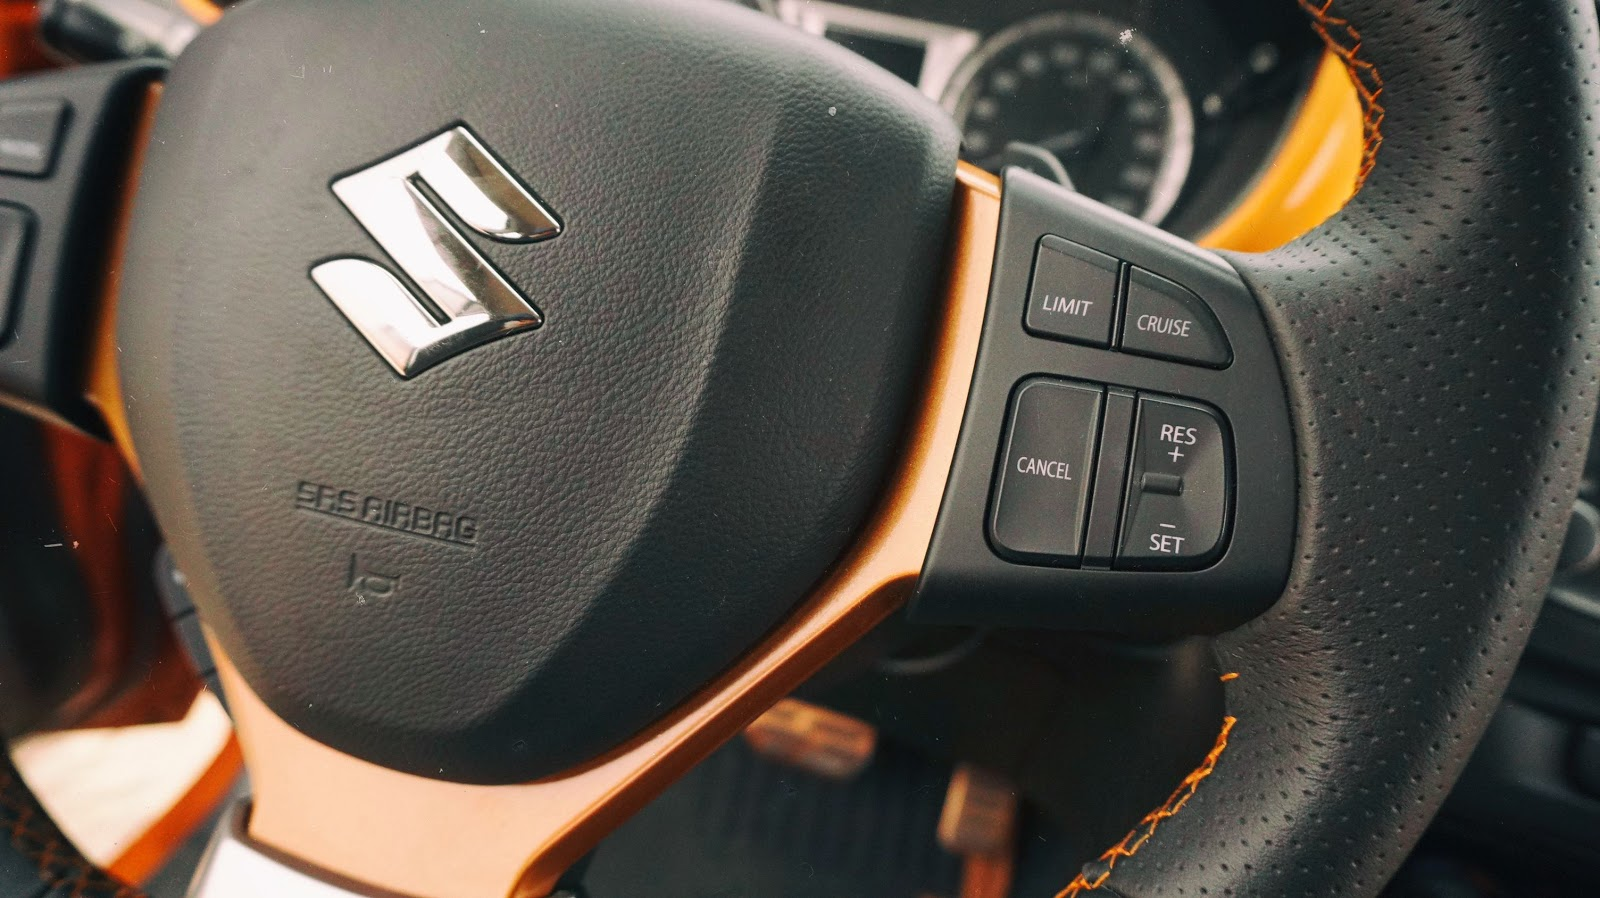 Xe được trang bị tính năng Cruise Control tự động, rất thông minh và tiện ích, đi đường trường sẽ rất thoải mái